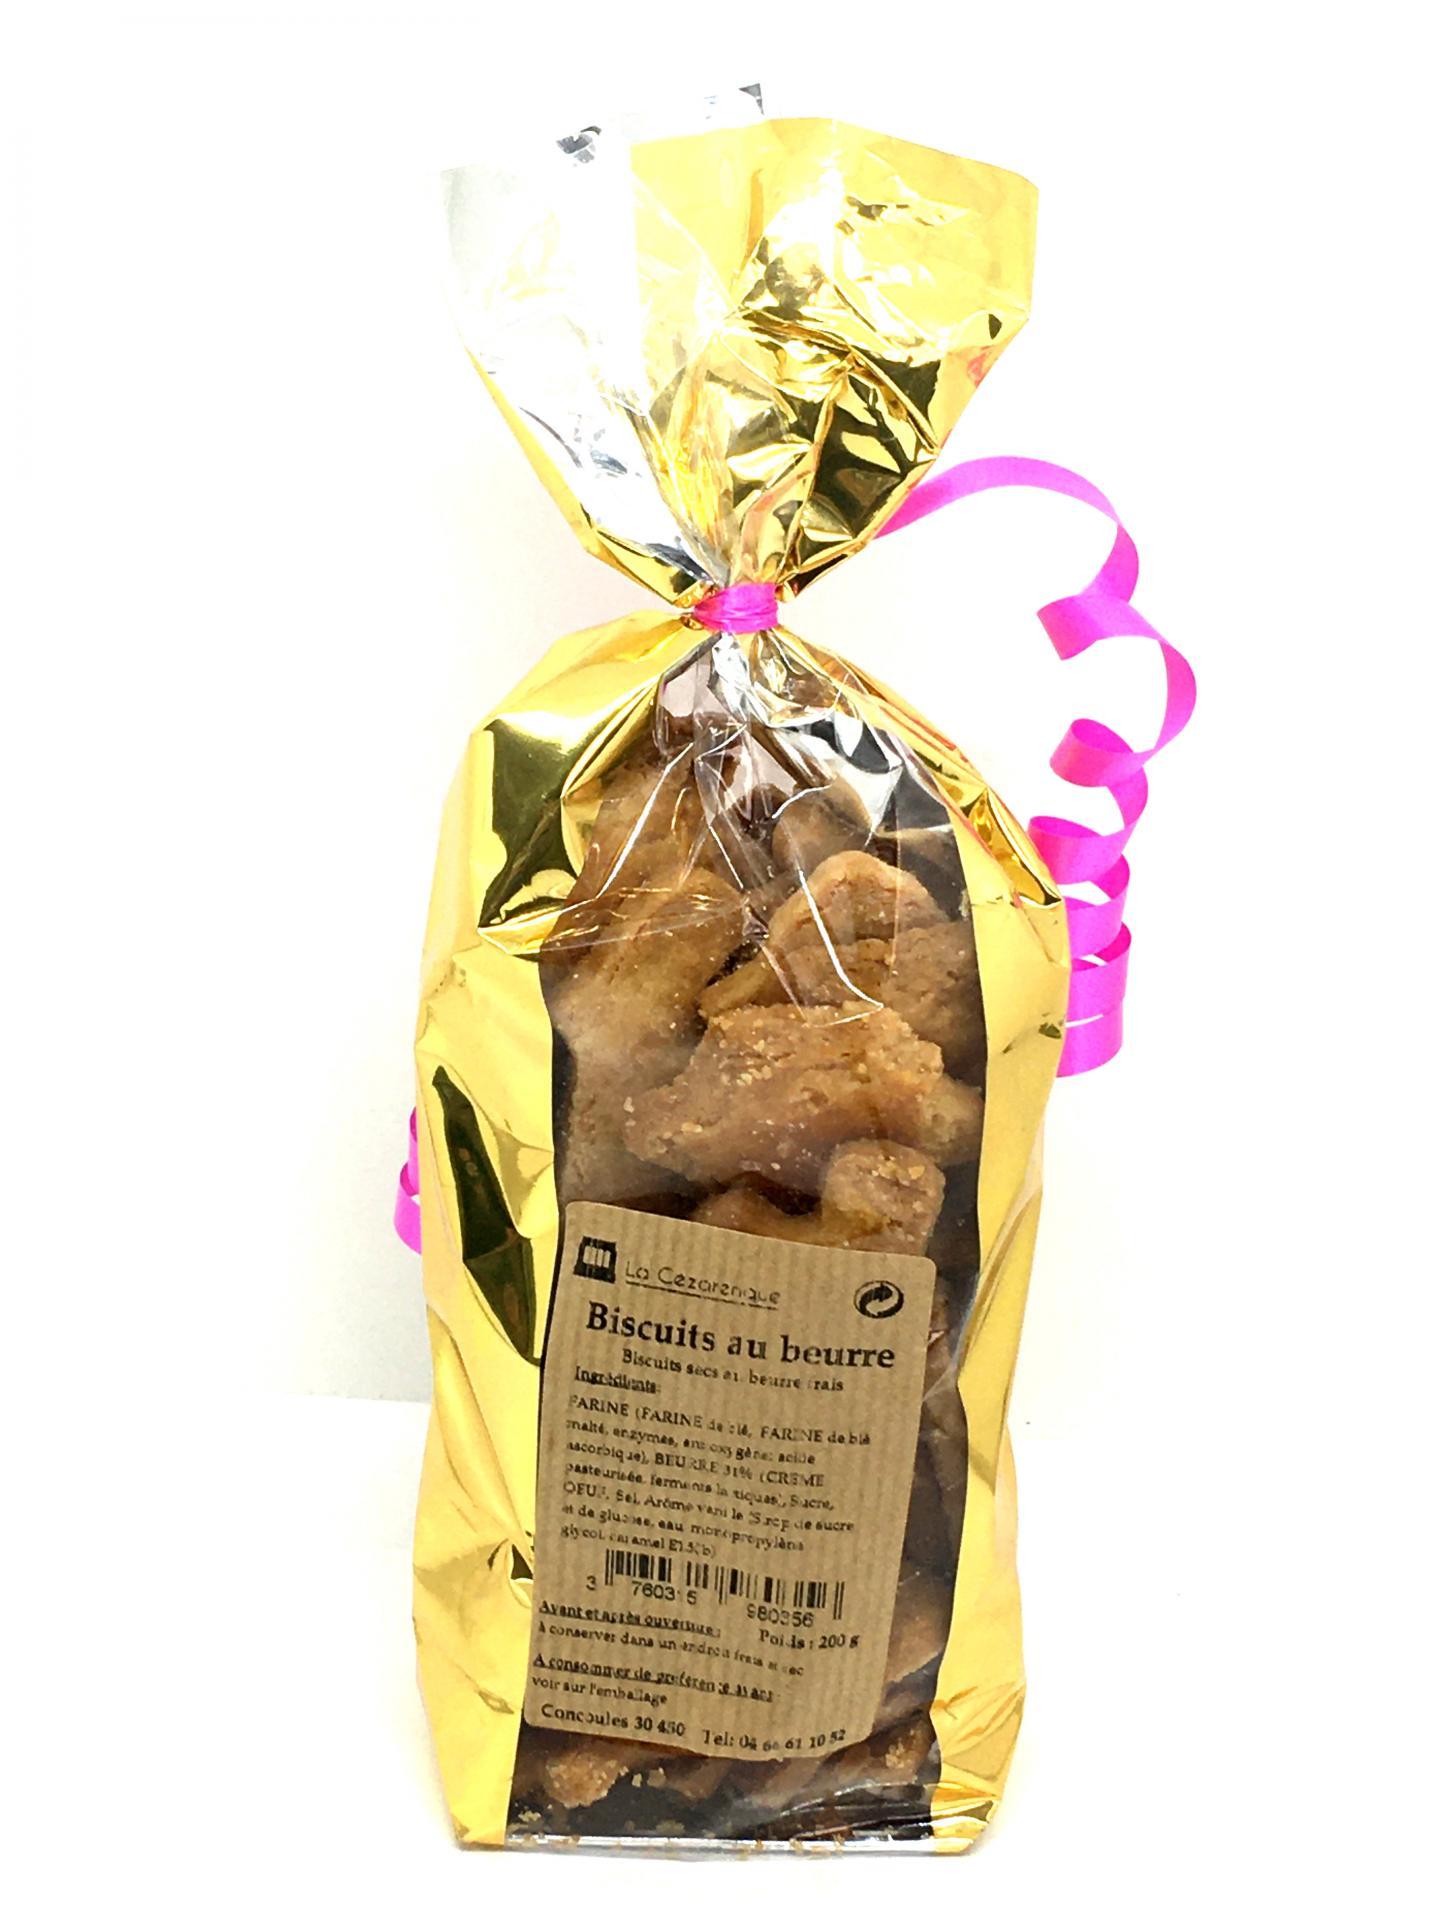 Biscuits beurre 200g esat la cezarenque en cevennes concoules